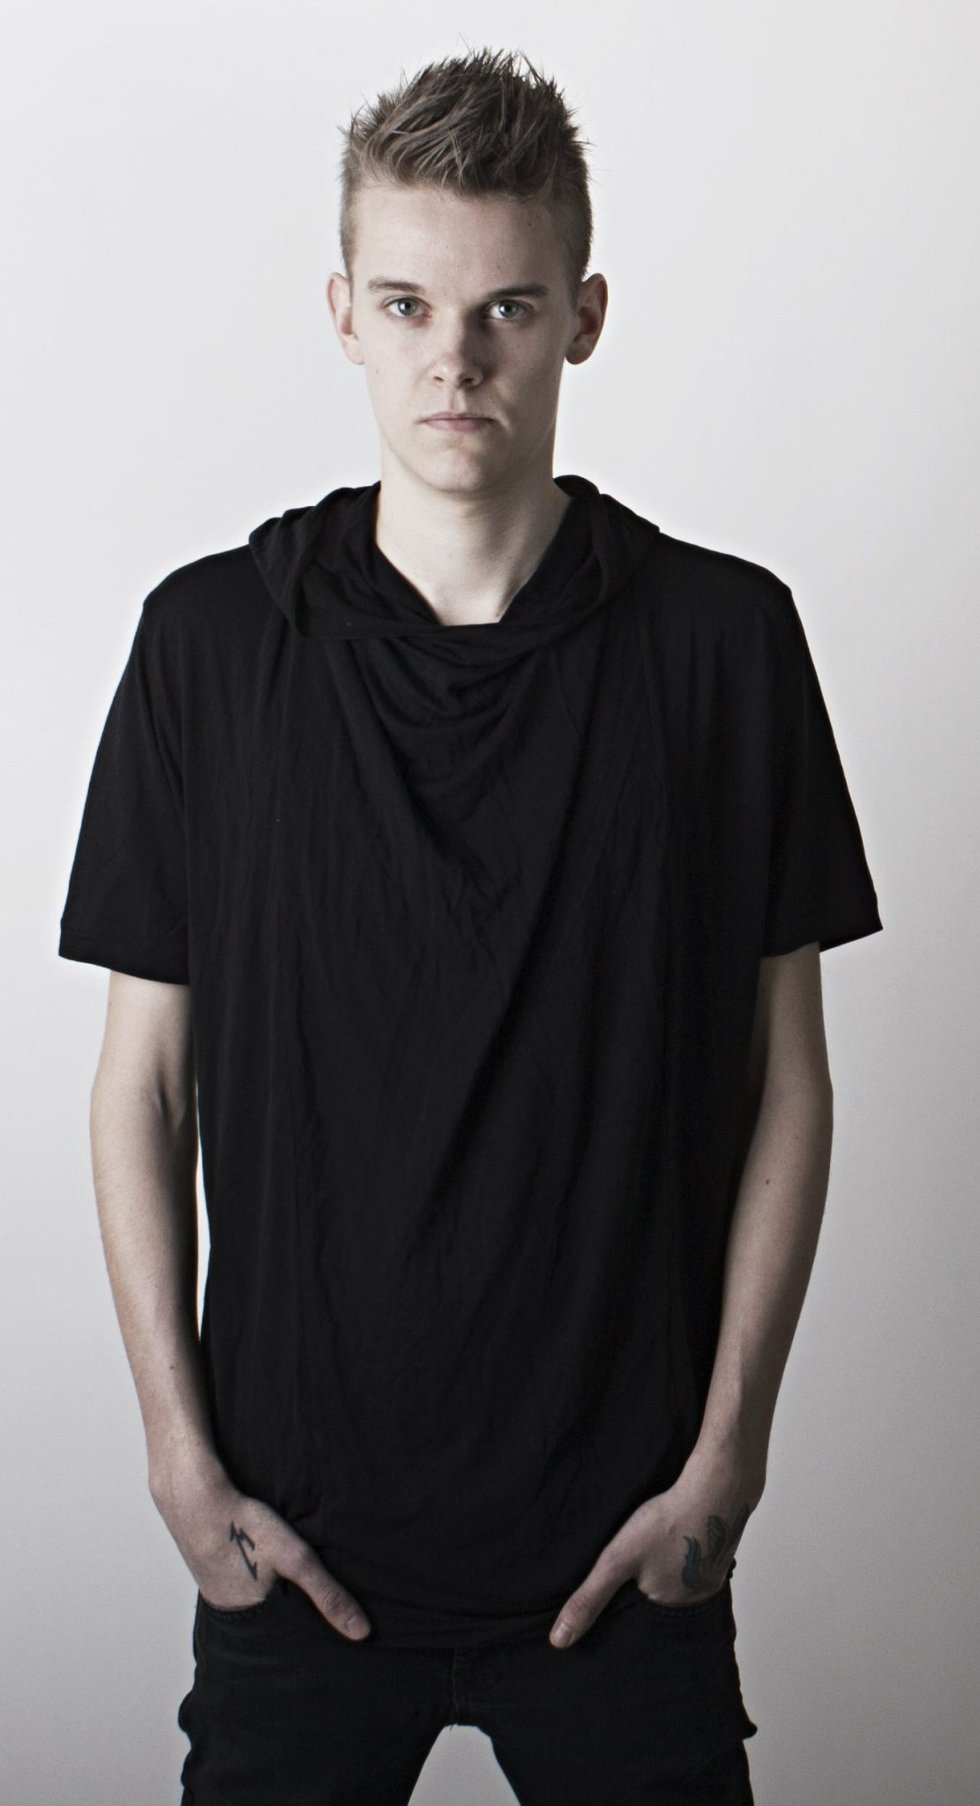 FAVORITT: Sivert Moe ble publikumsviunner i Bandwagon-vinner i fjor, og deltar med låt på norsk i år.